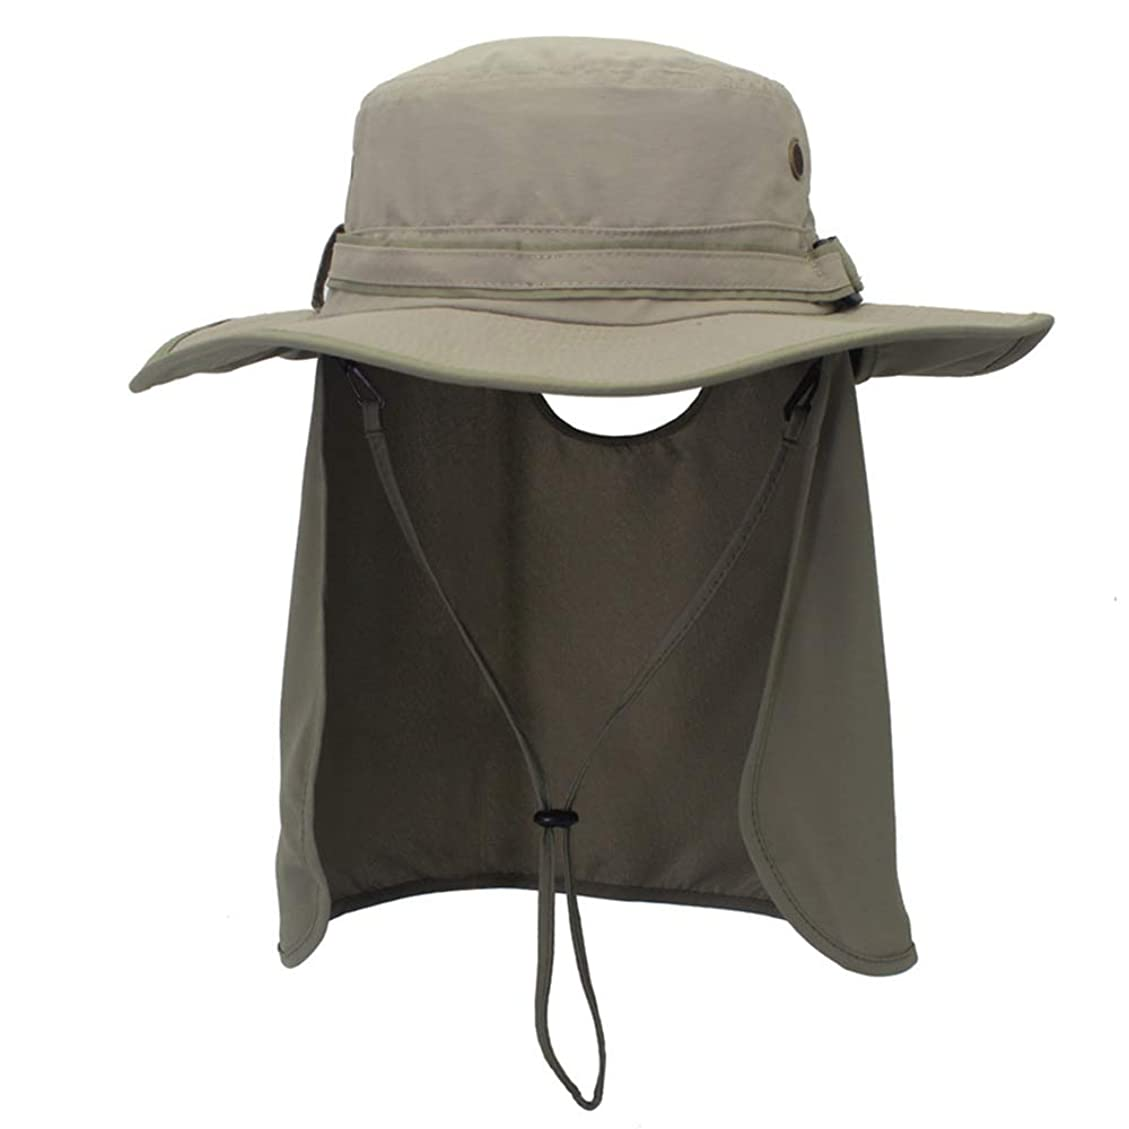 太陽の帽子男性女性UPF 50+夏の保護用ジャージUV保護外部フラップネックパッディング通気性釣り帽子ビーチ, Light Grey